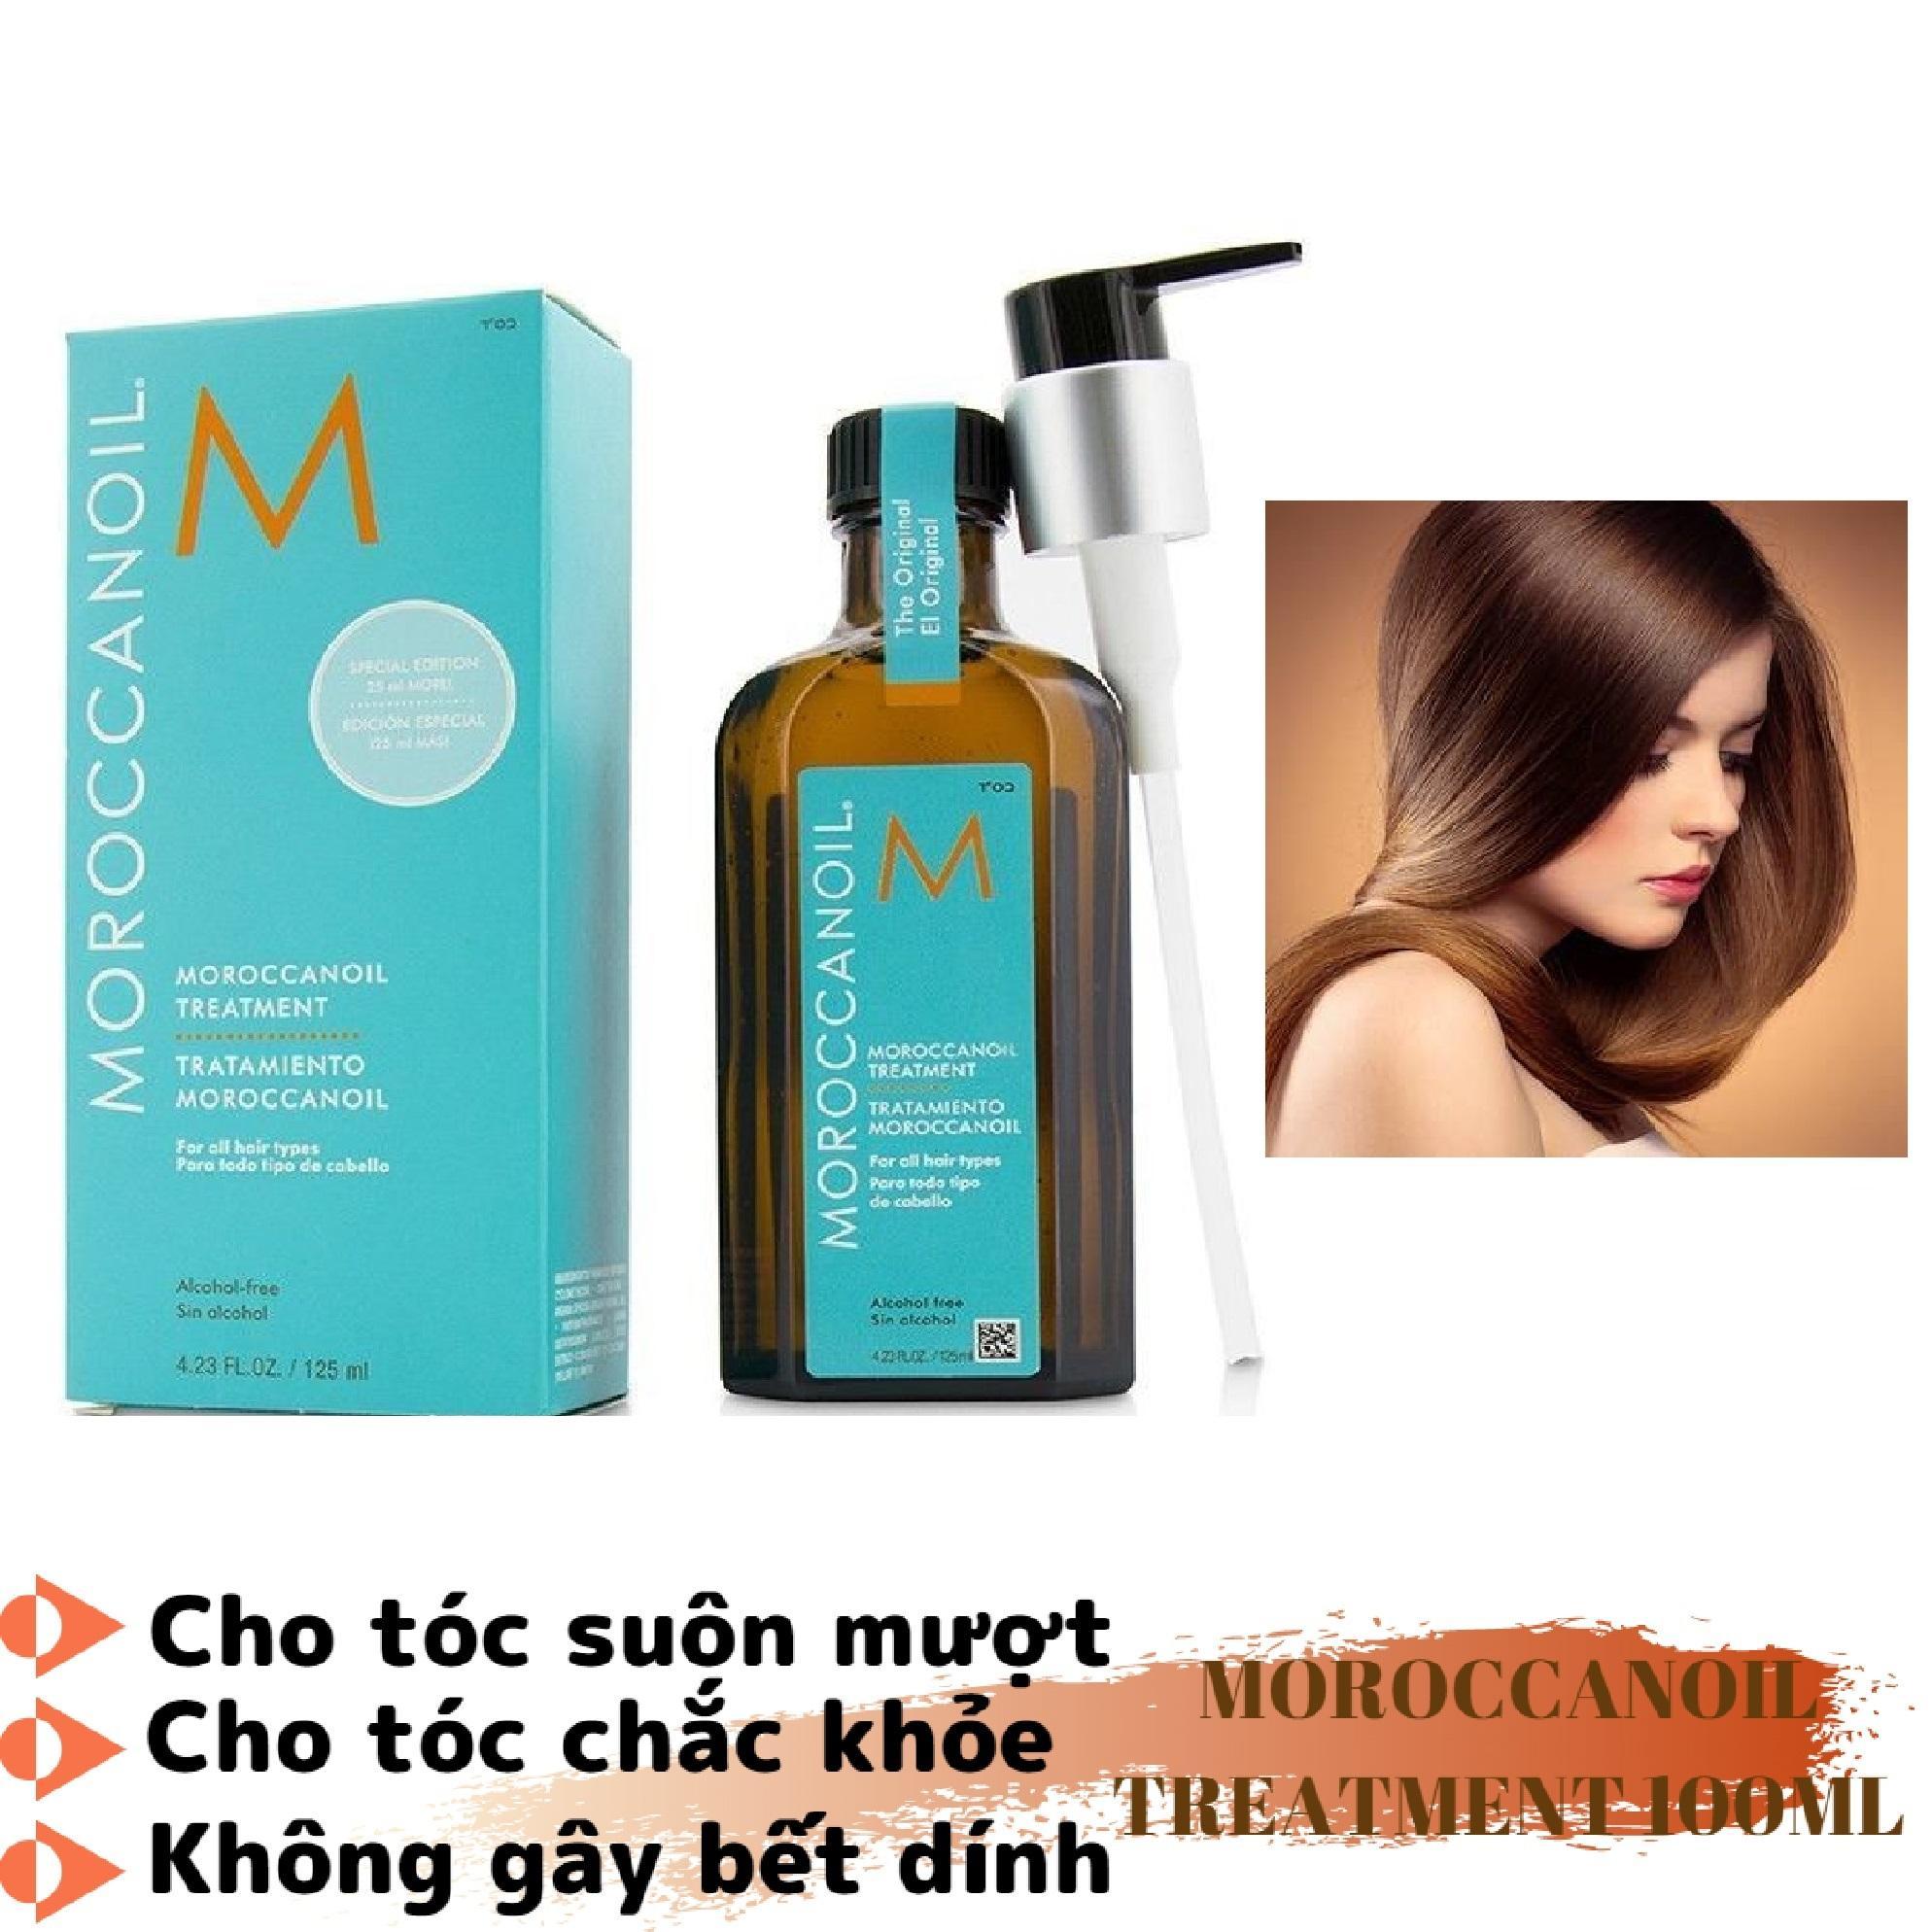 Tinh dầu DƯỠNG và PHỤC HỒI hư tổn tóc khô xơ Moroccanoil (Moroccan oil) Treatment (100 ml)